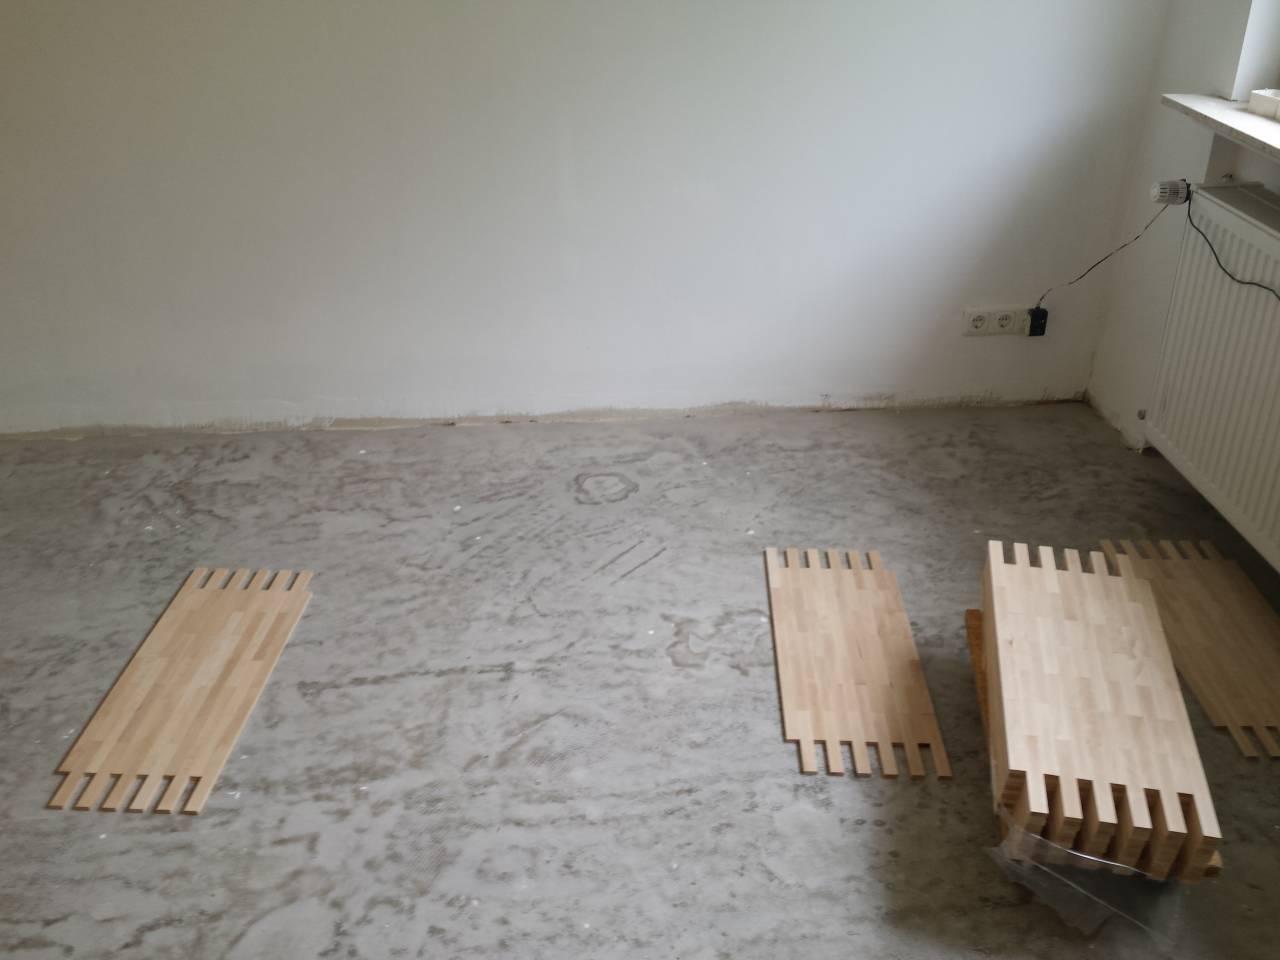 Firma  Baron  für  alle  Fälle    Firma  Baron  für  alle  Fälle     Raumausstatter - Fußbodenleger -  Renovierungen -Dielenboden Parkettleger - Verlegung - Restaurierung und Sanierung, Aufbereitung / Aufarbeitung verschlissener Stellen.